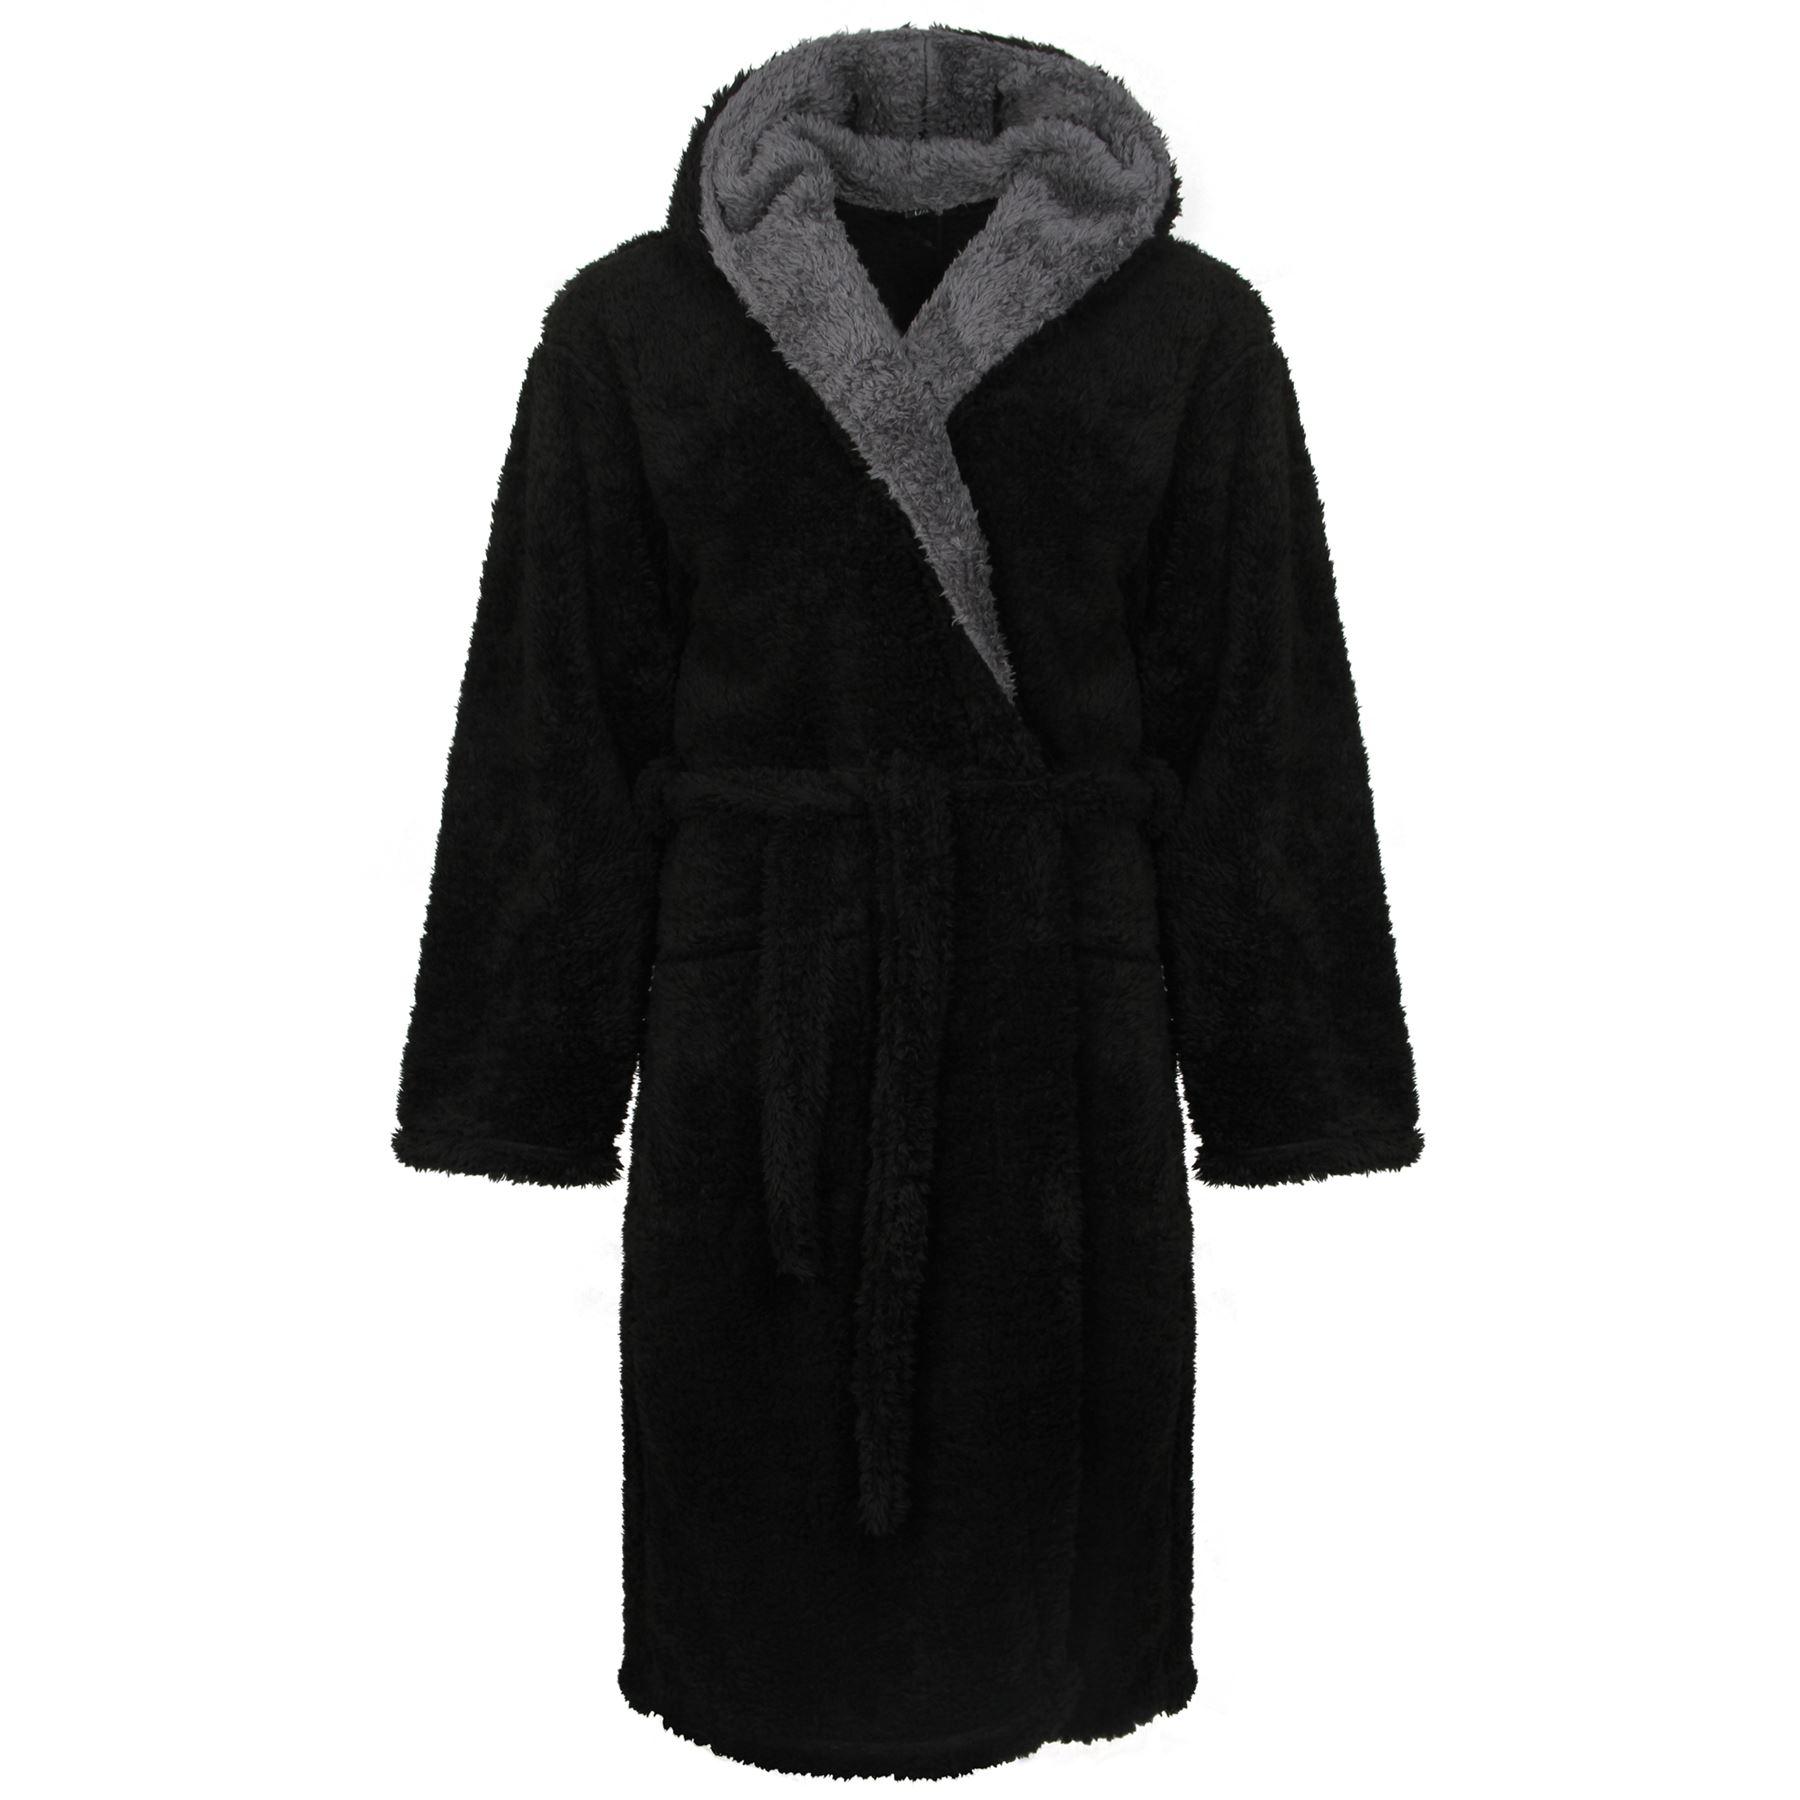 Men S Dressing Gowns Uk: Men's Snuggle Fleece Robe, Luxury Super Soft Hooded